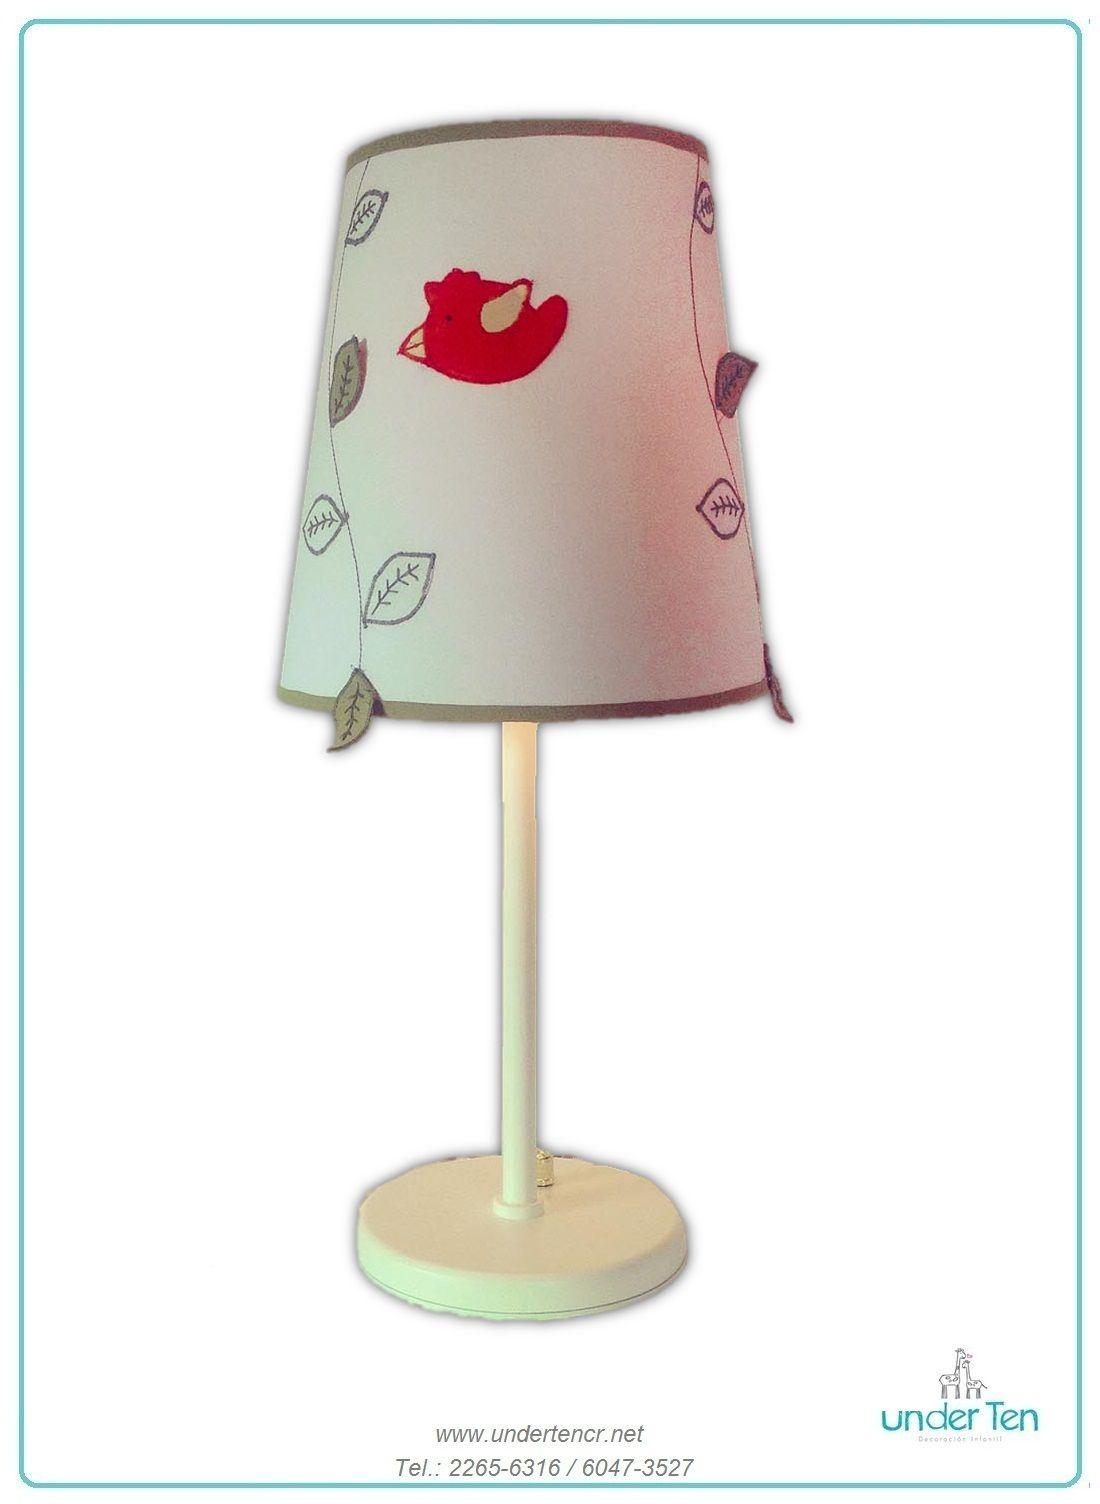 Jungle Table Lamp Handmade By Under Ten Www Undertencr Net Lamparas De Mesa Lamparas Disenos De Unas